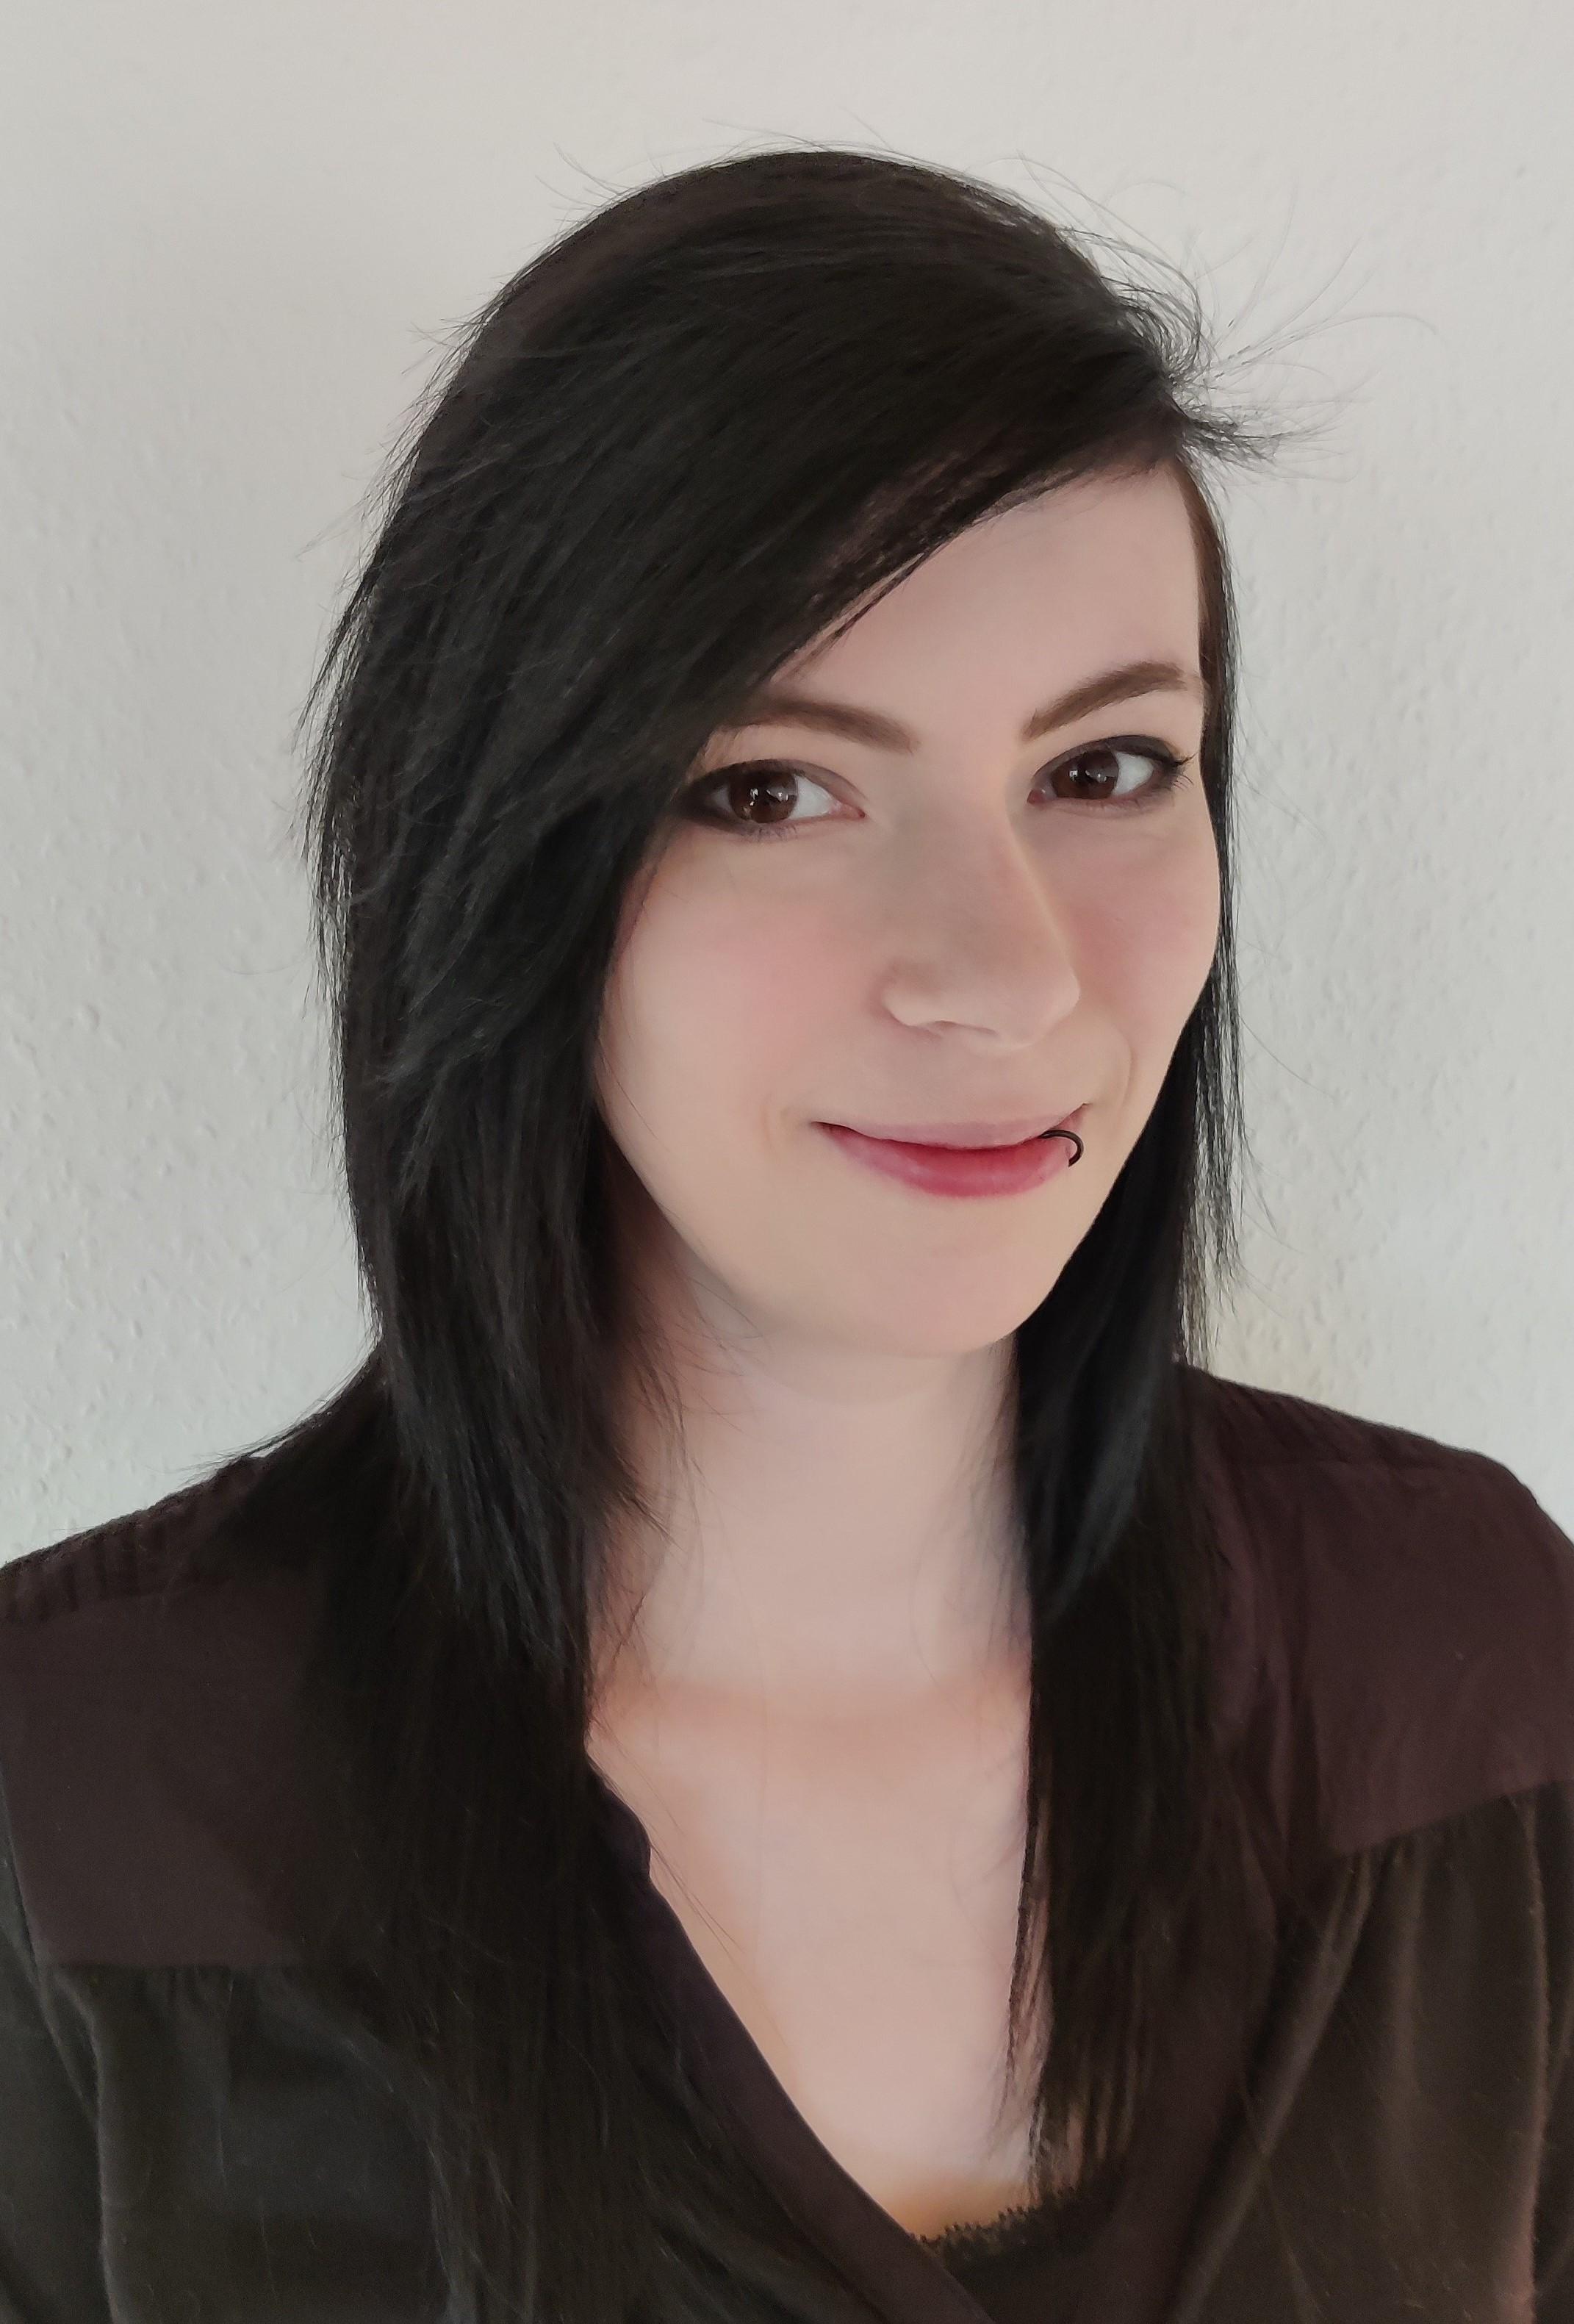 Lisa-Marie Bente